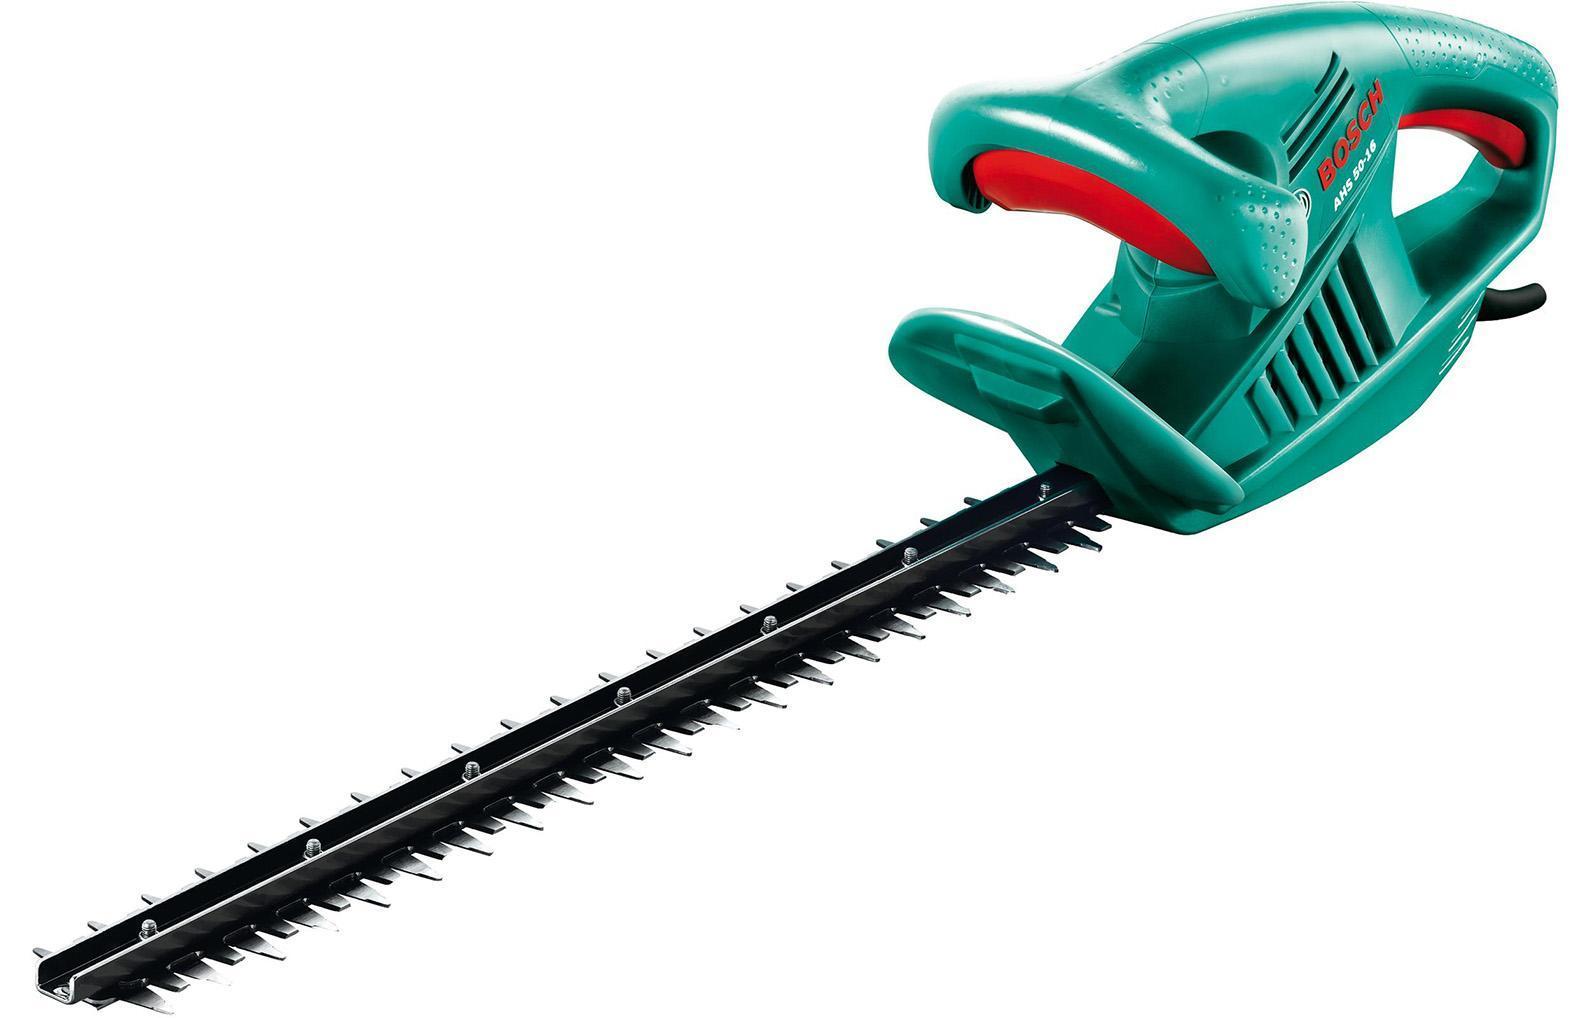 Кусторез Bosch AHS 60-16 0600847D000600847D00Лазерная заточка ножей.Данную модель можно включать в незаземленные розетки, благодаря наличию двойной изоляцииСпециальный экран защищает руку оператора от веток и сучков.Ограничитель кабеля, препятствующий отсоединению удлинителя Тип ножа: двусторонняя шина. Расстояние между лезвиями: 16 мм.